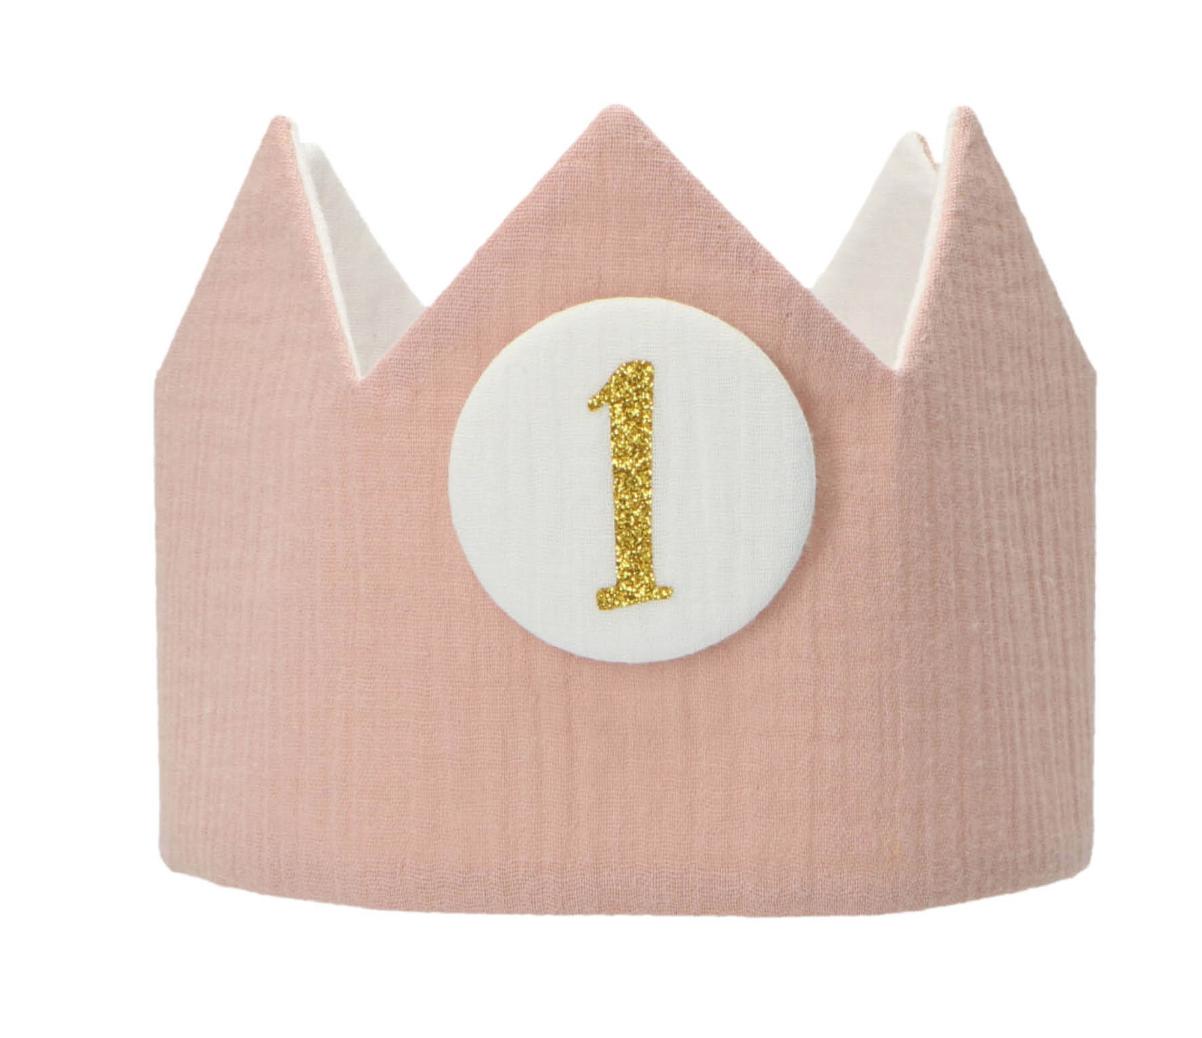 Verjaardagskroon Rosalie - Liezelijn-1